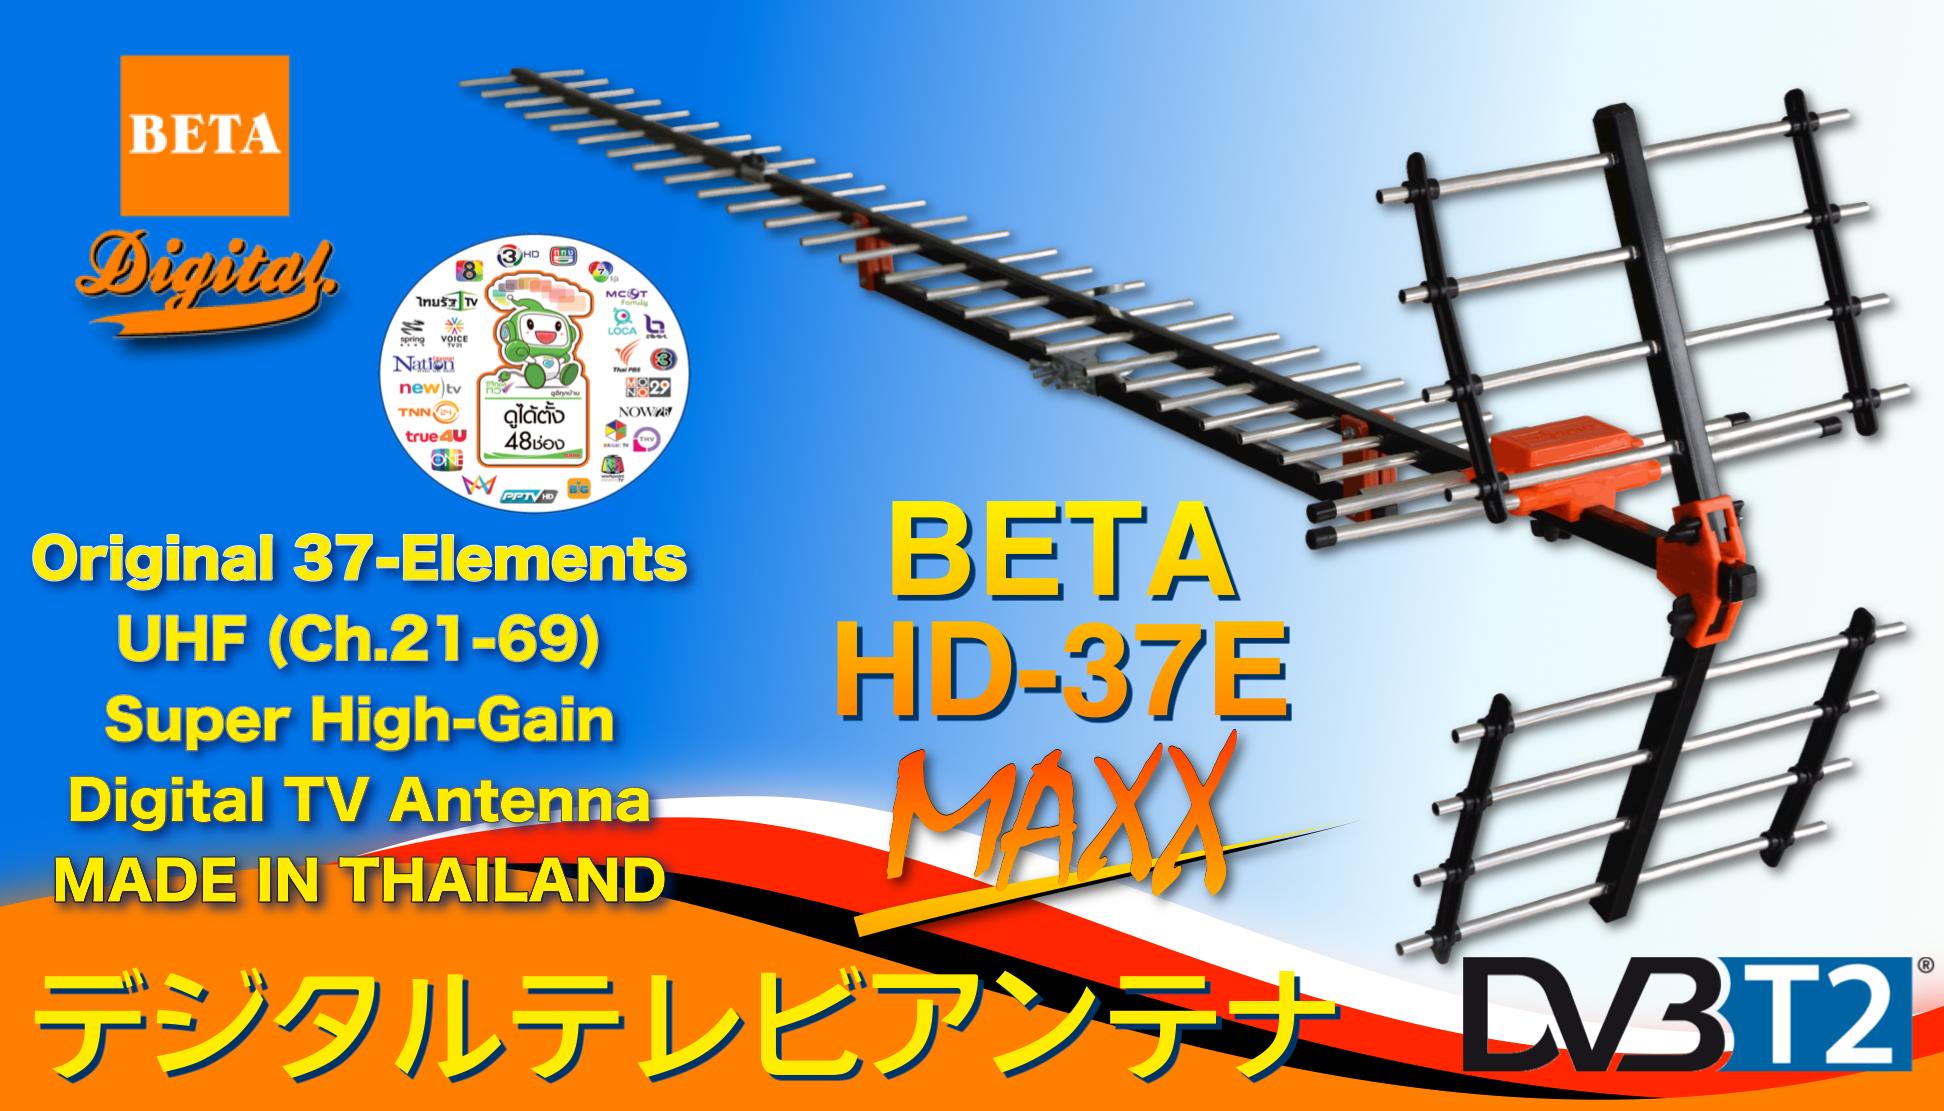 BETA HD-37E